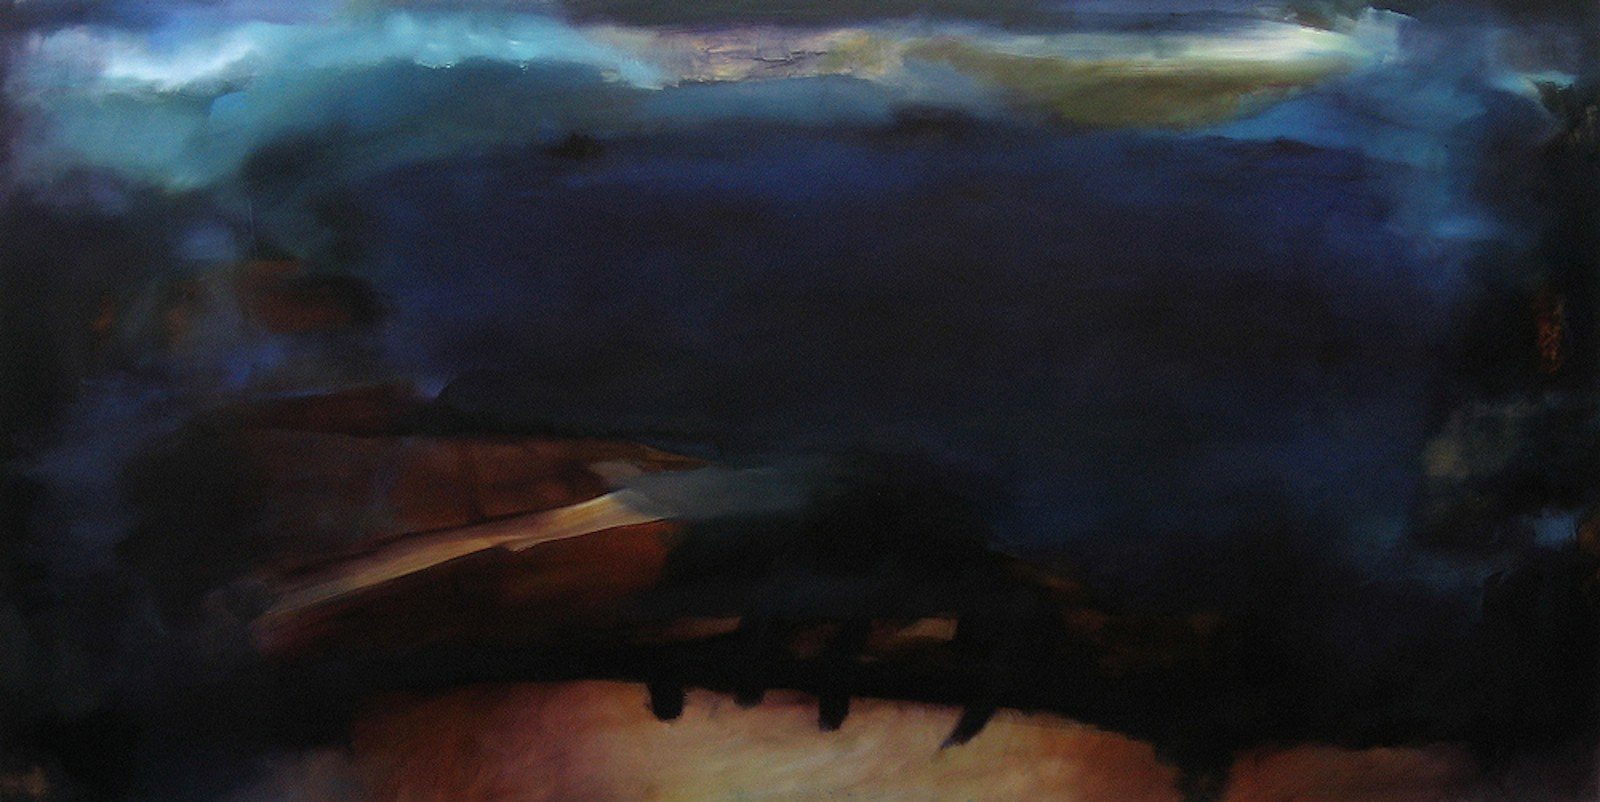 Raja, öljy levylle, 122 x 240 cm, 2009